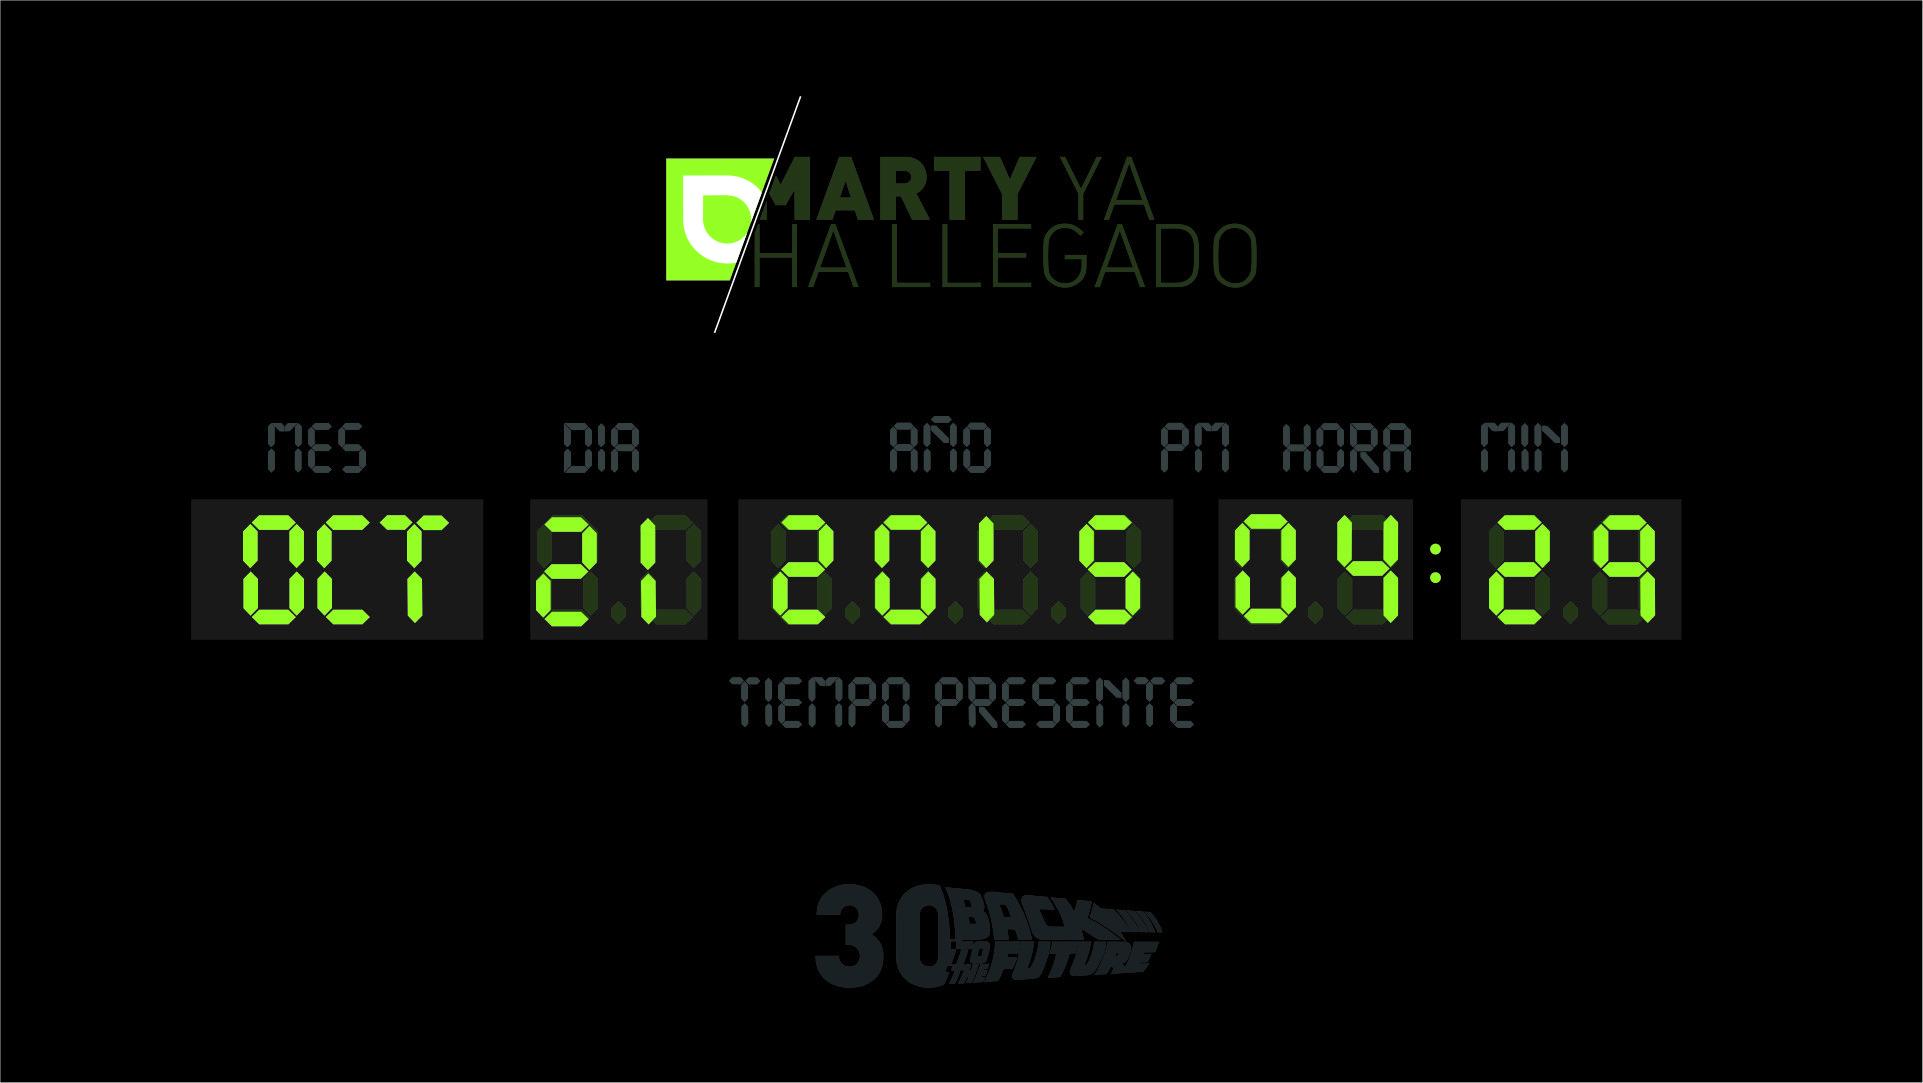 ¡MARTY YA HA LLEGADO!   En Grado Creativo hoy nos apuntamos a celebrar el día en el que Doc Brown y Marty McFly llegaron al futuro.   #cine #BackToTheFuture #publicidad #MartyMcFly #DocBrown